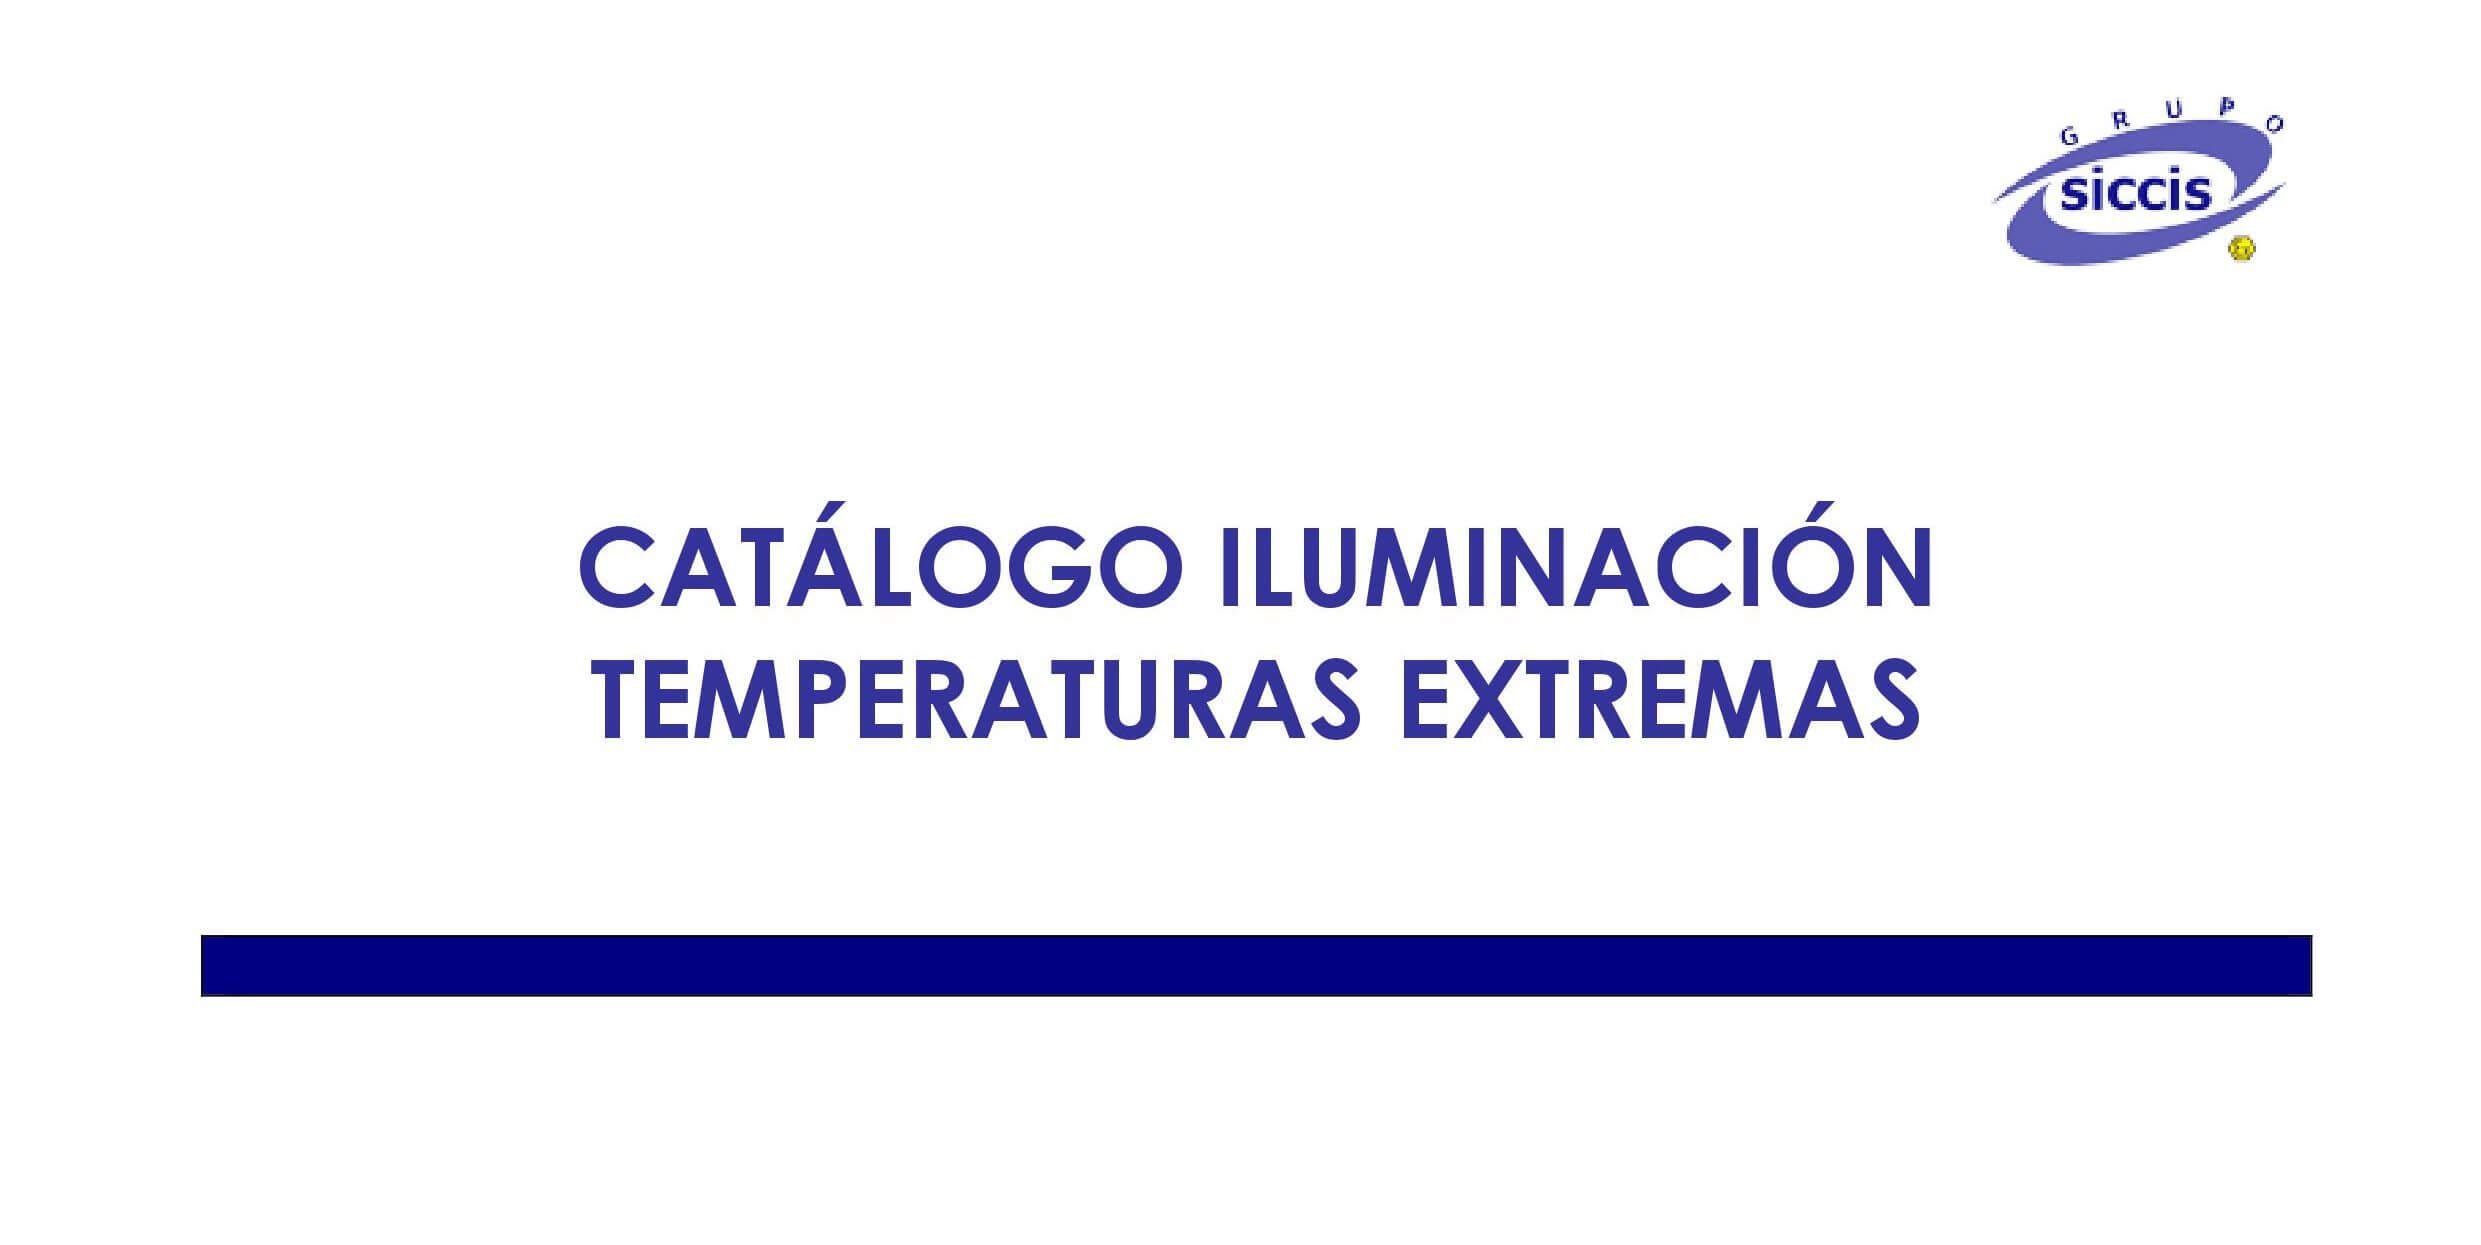 Extreme Temperatures Lighting Catalog